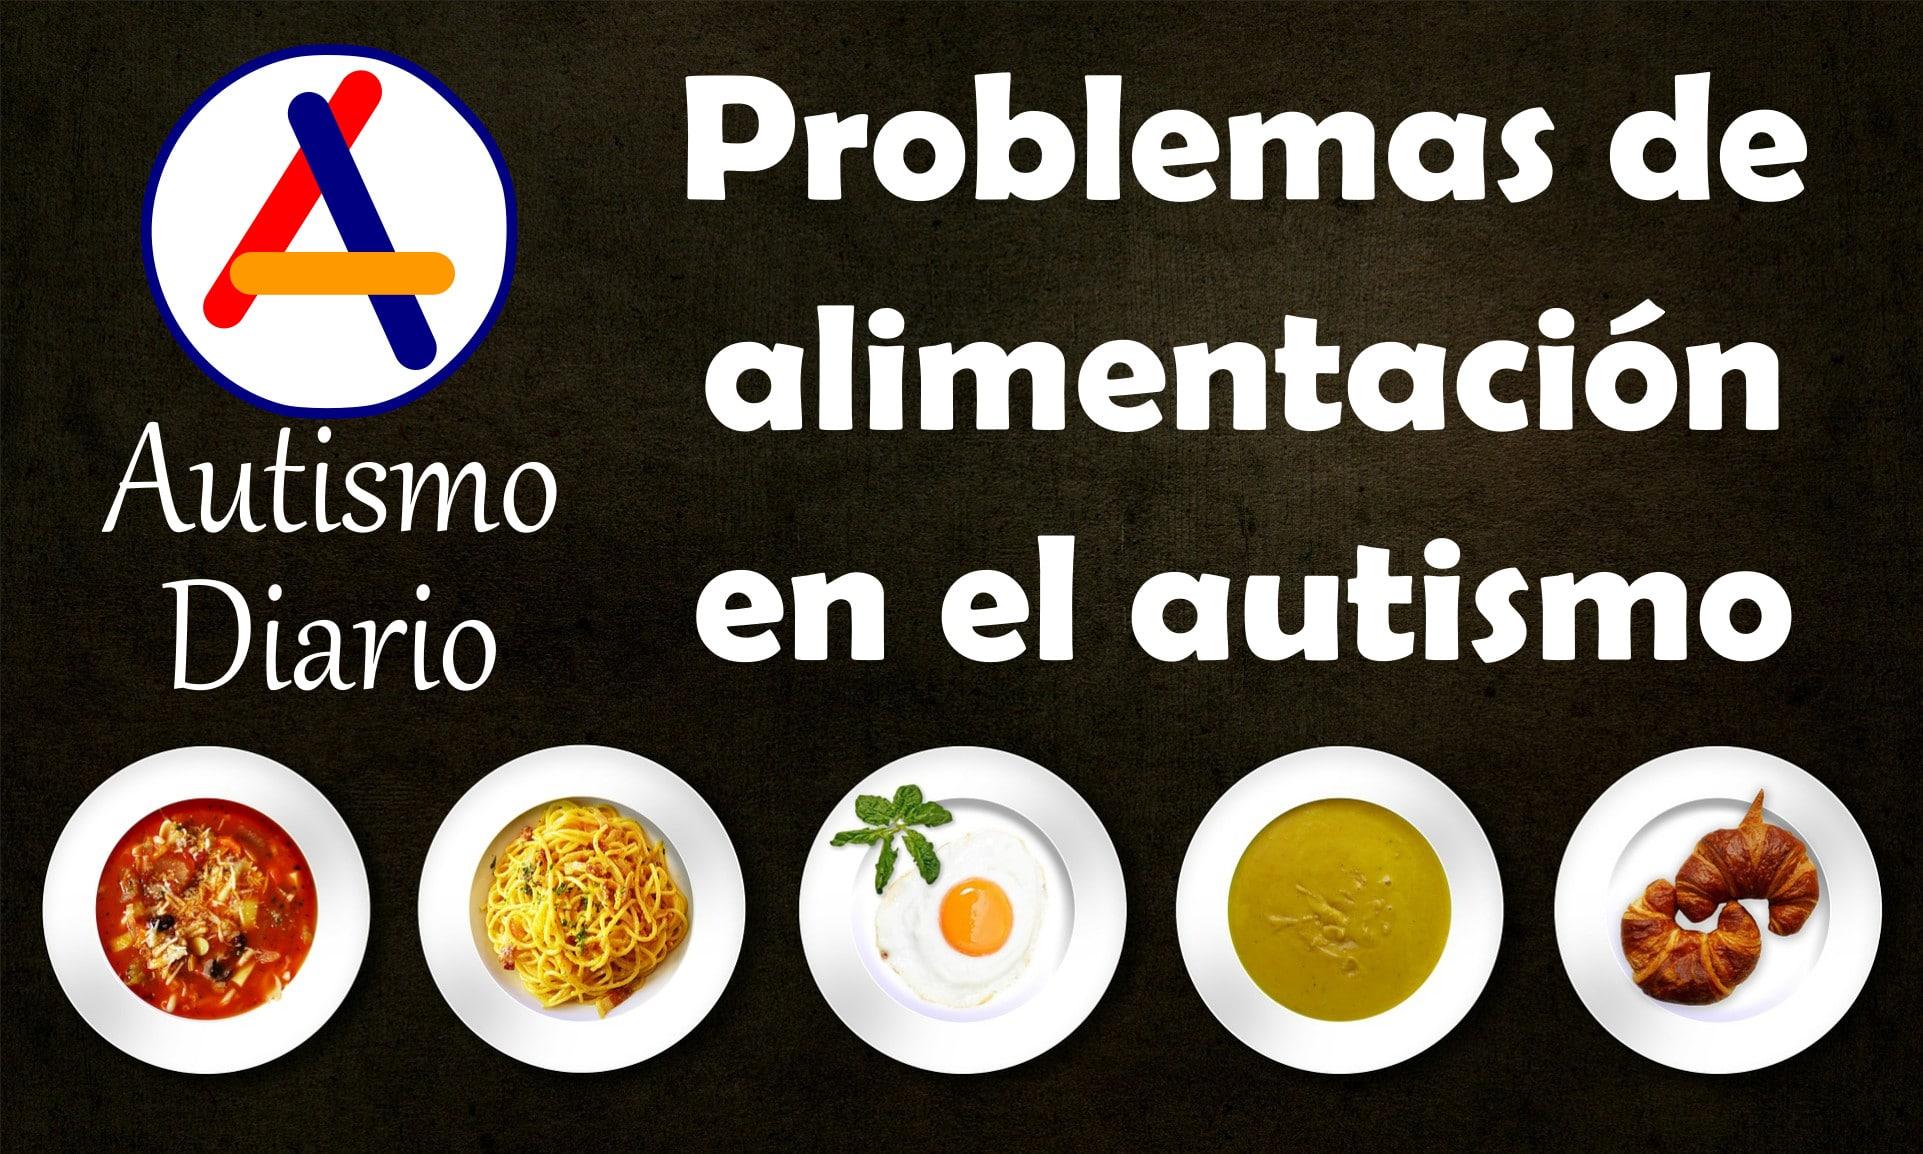 problemas de alimentacion en el autismo